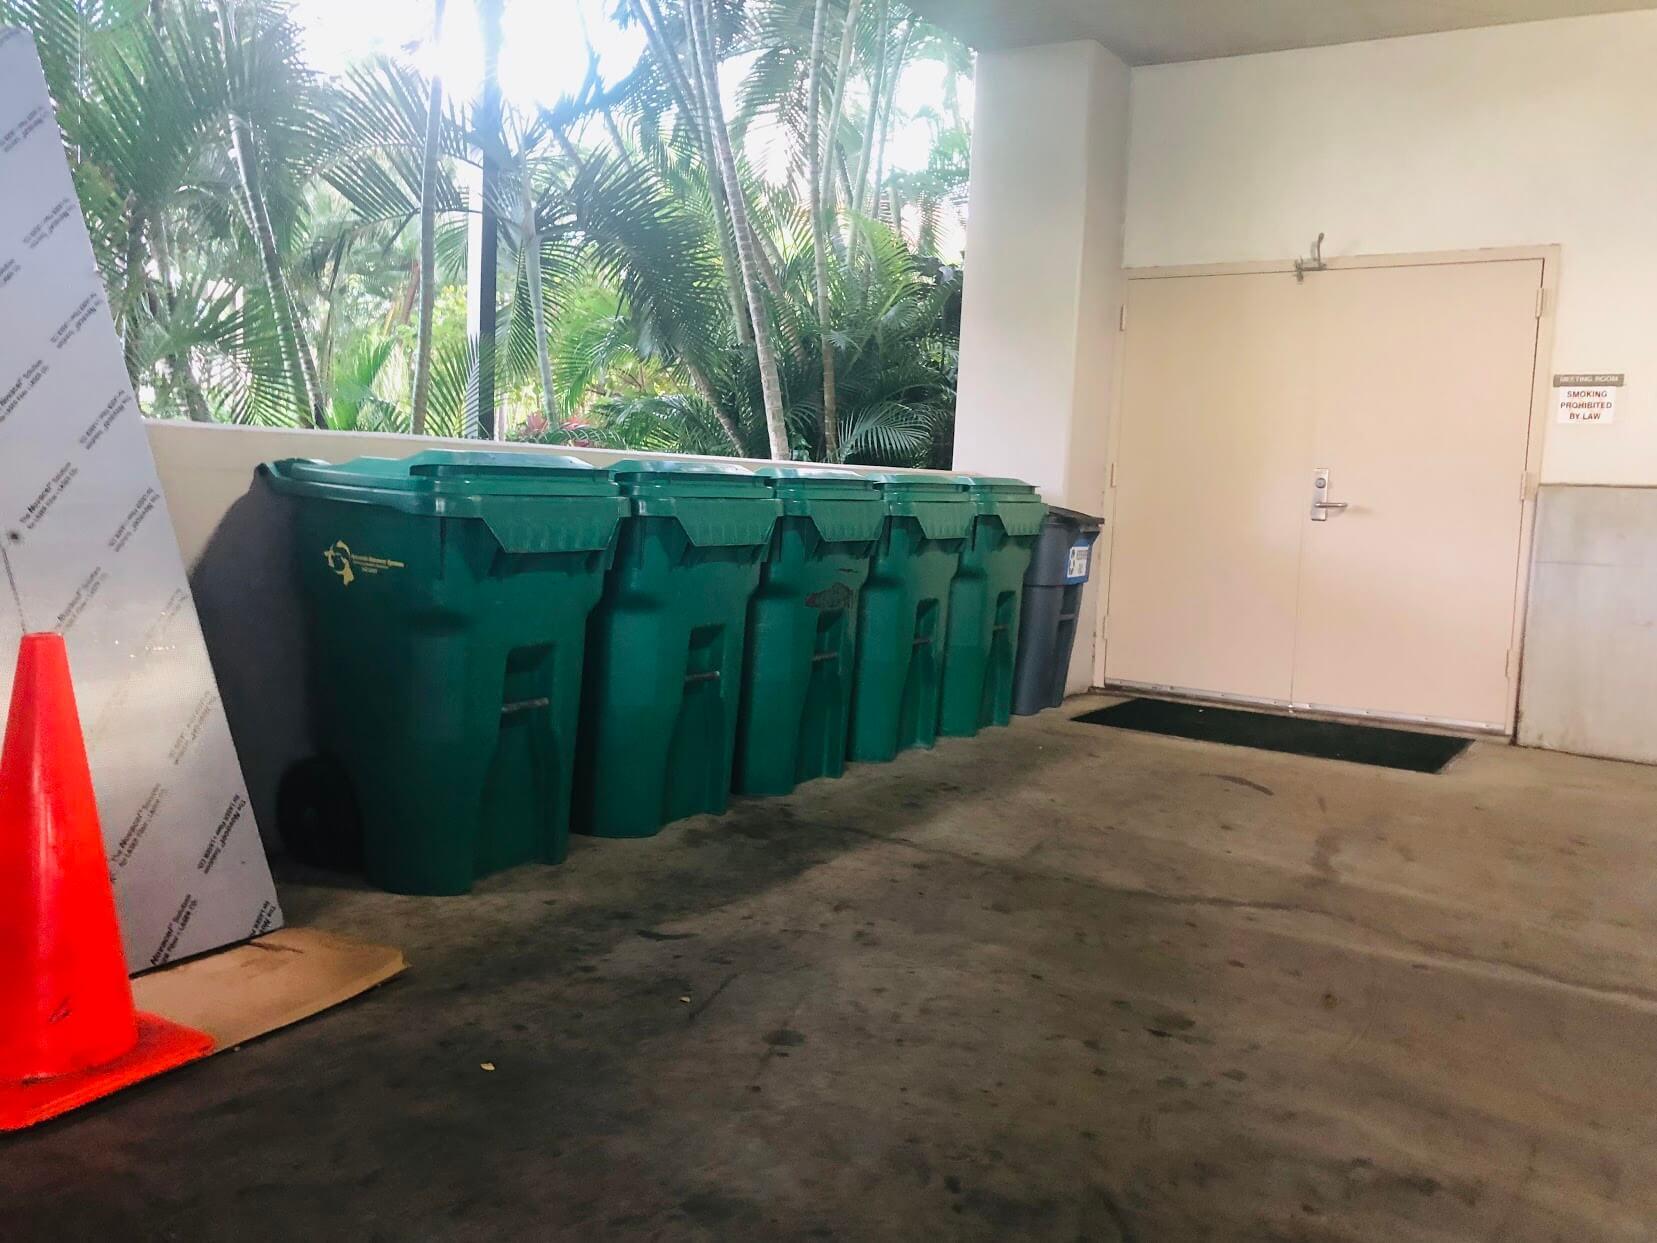 1133 Waimanuのゴミ箱